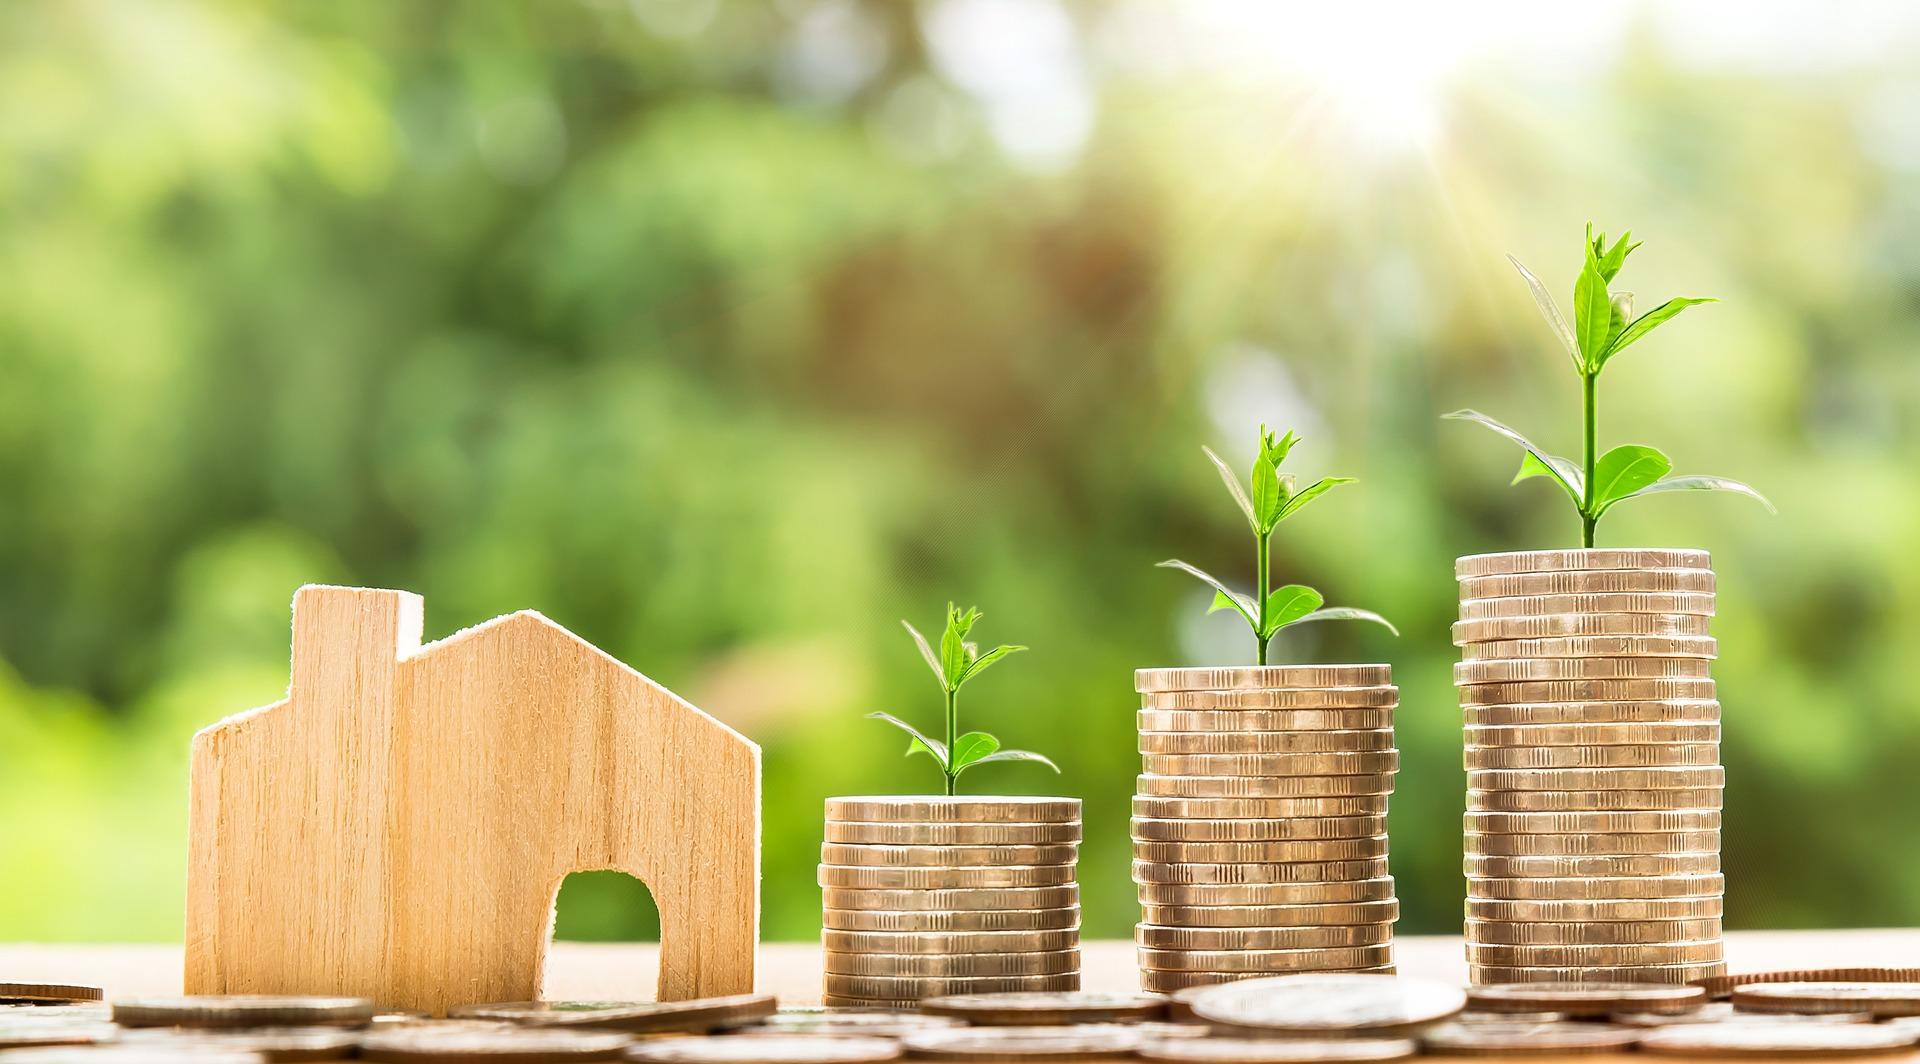 Kleines Holzhaus mit Geldmünzen und Pflanzen